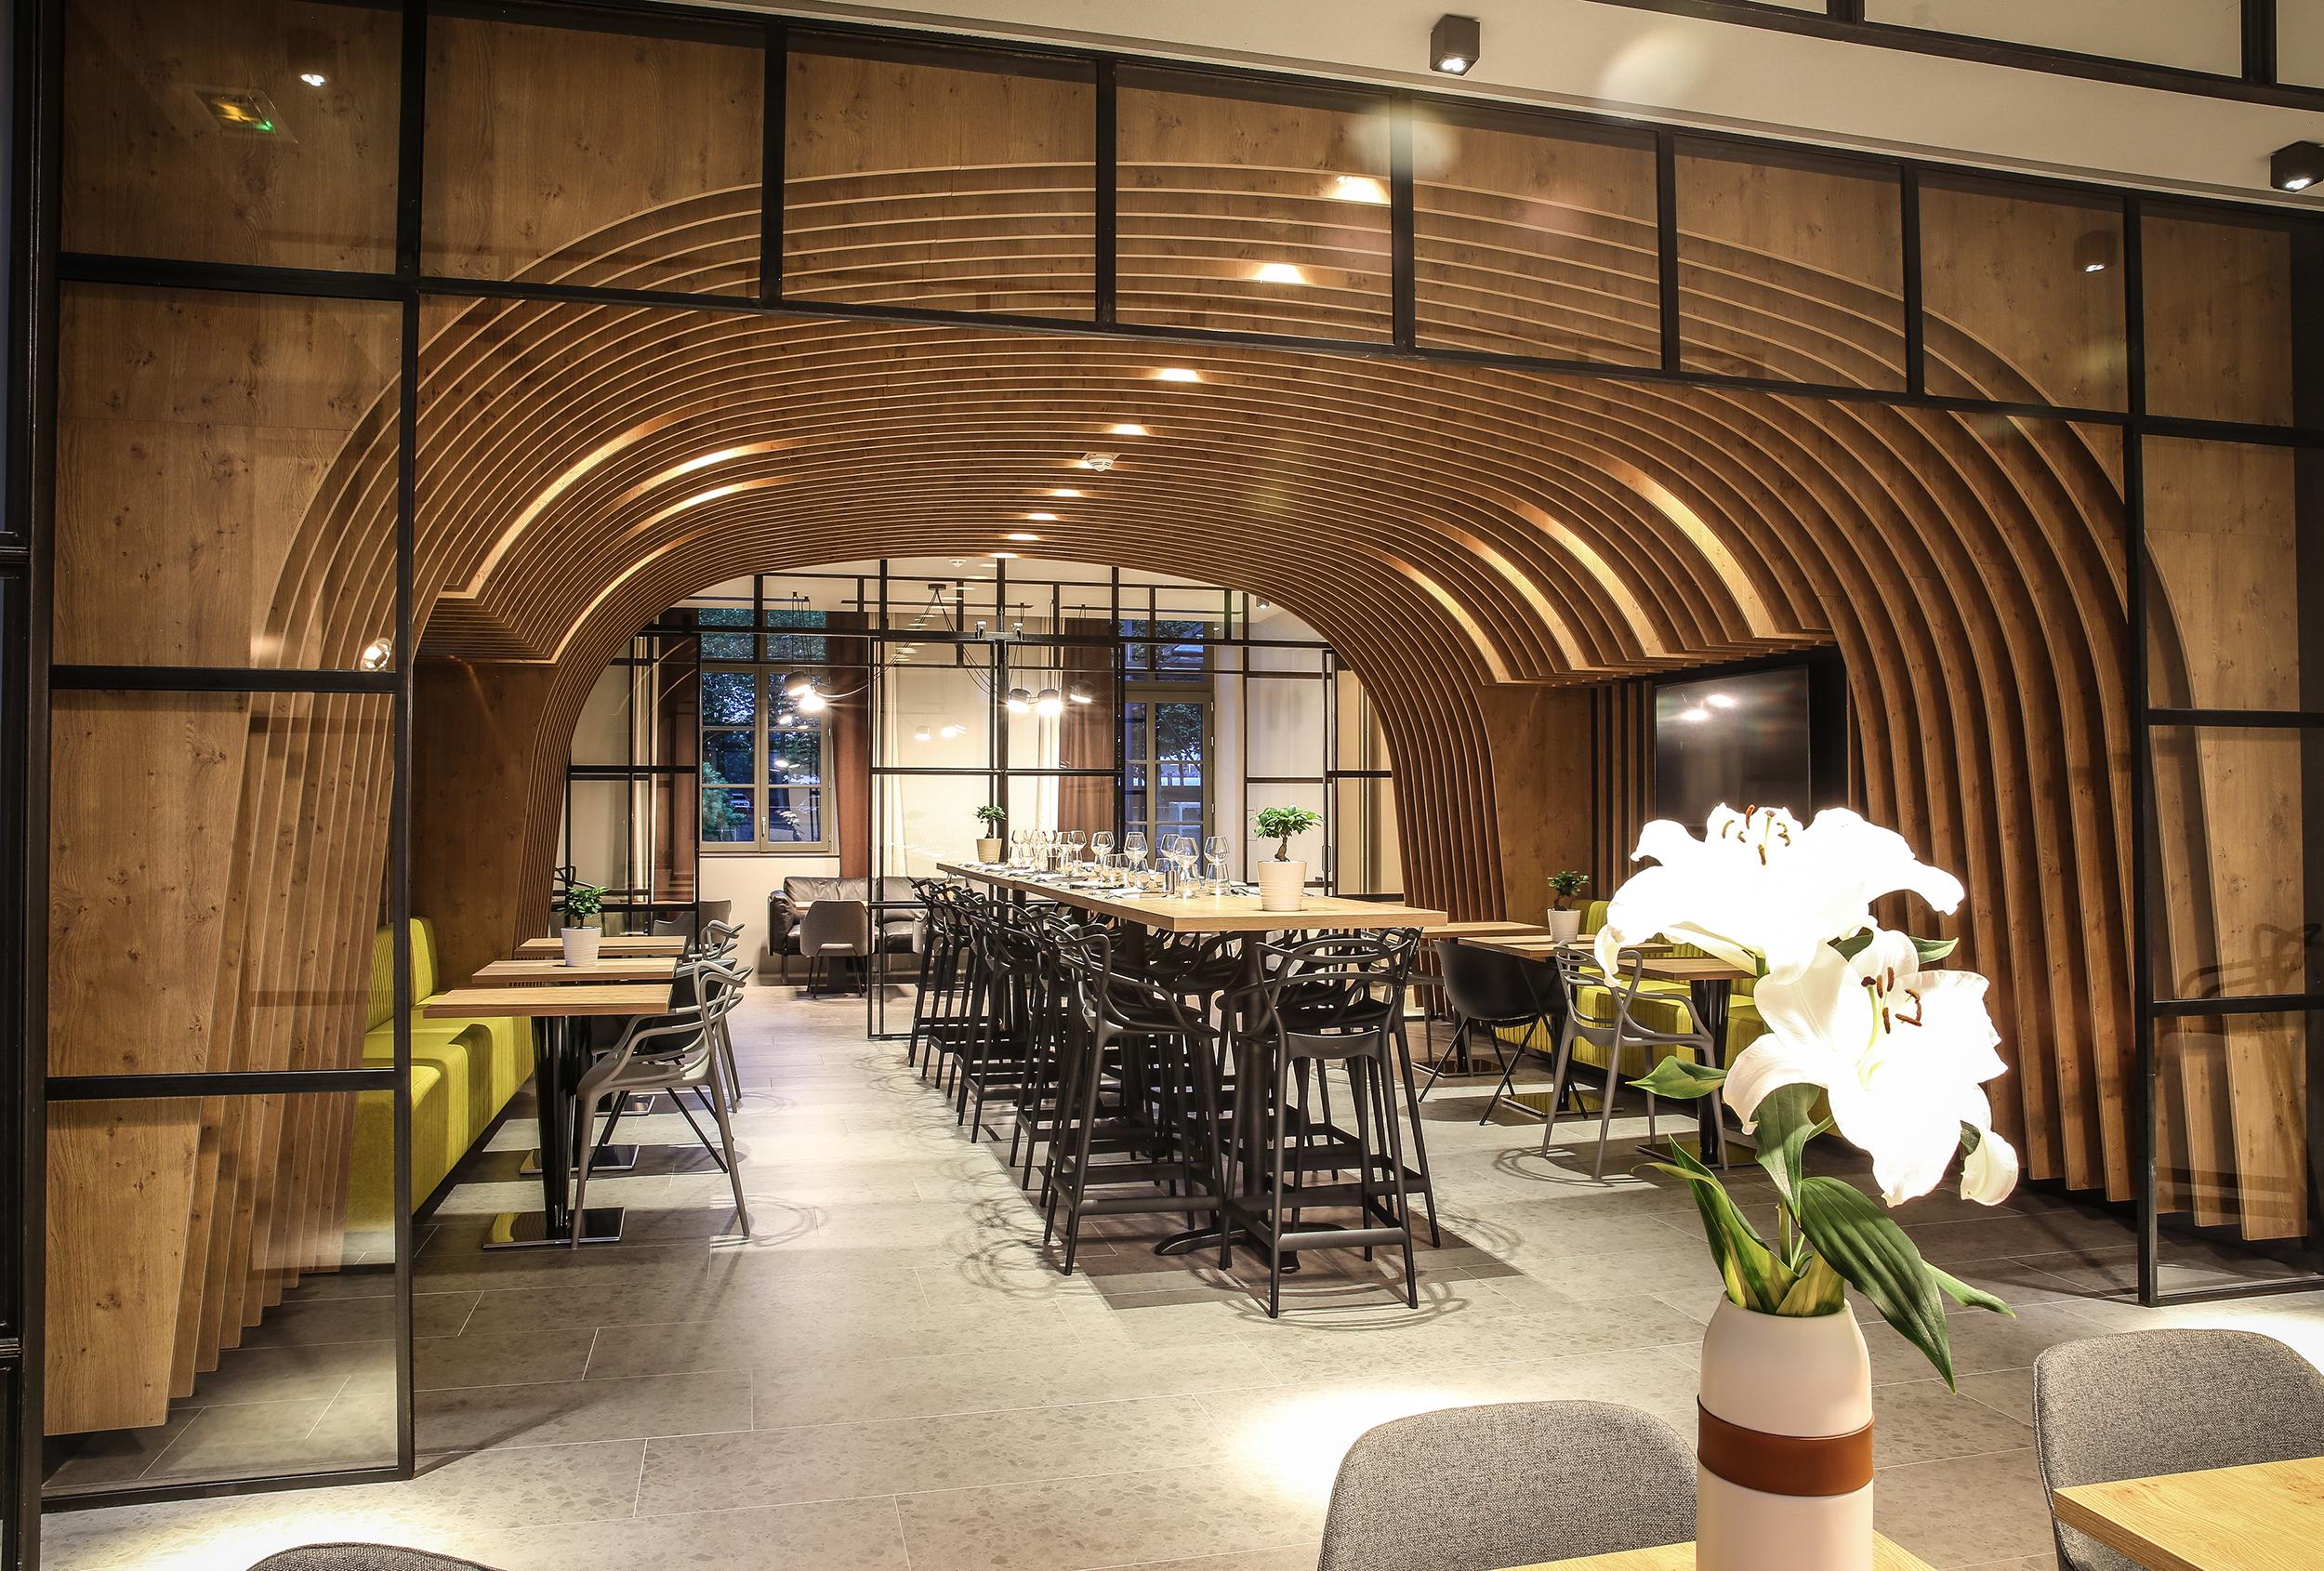 salle restaurant novotel st brieuc panneaux cintres - solutions agencement